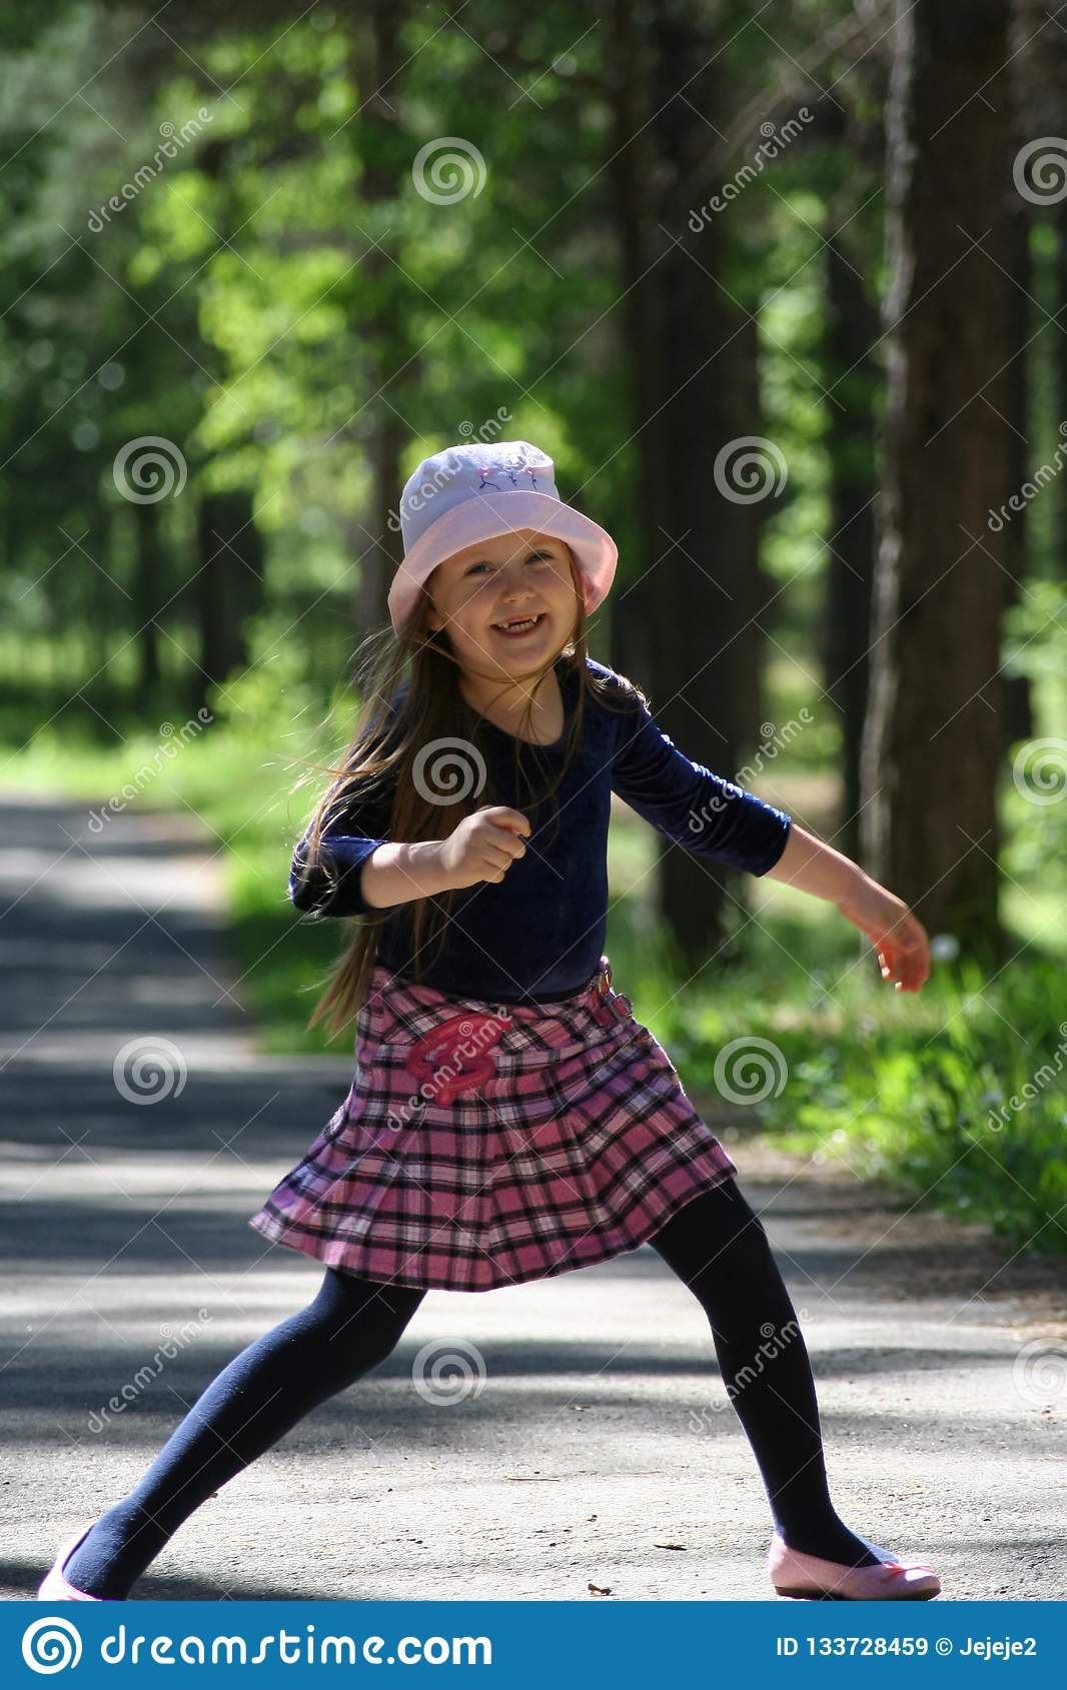 Πορτρέτο ενός μικρού κοριτσιού σε ένα ρόδινο καπέλο